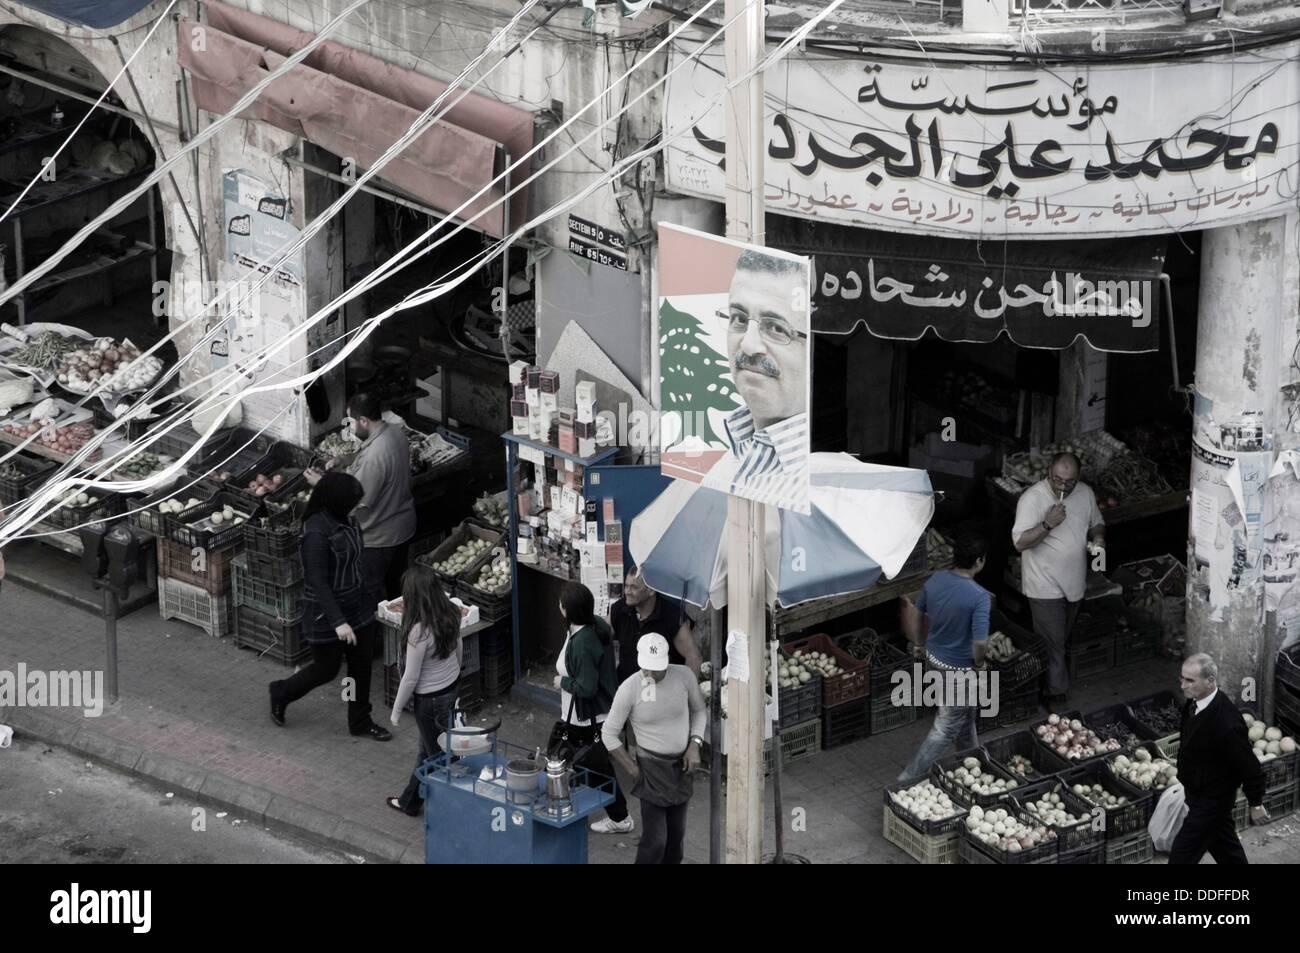 Kursliste aller Aktien aus Libanon, aktuelle Kurse, Veränderungen zum Vortag, Börsenplätze sowie Hoch- und Tiefpunkte.